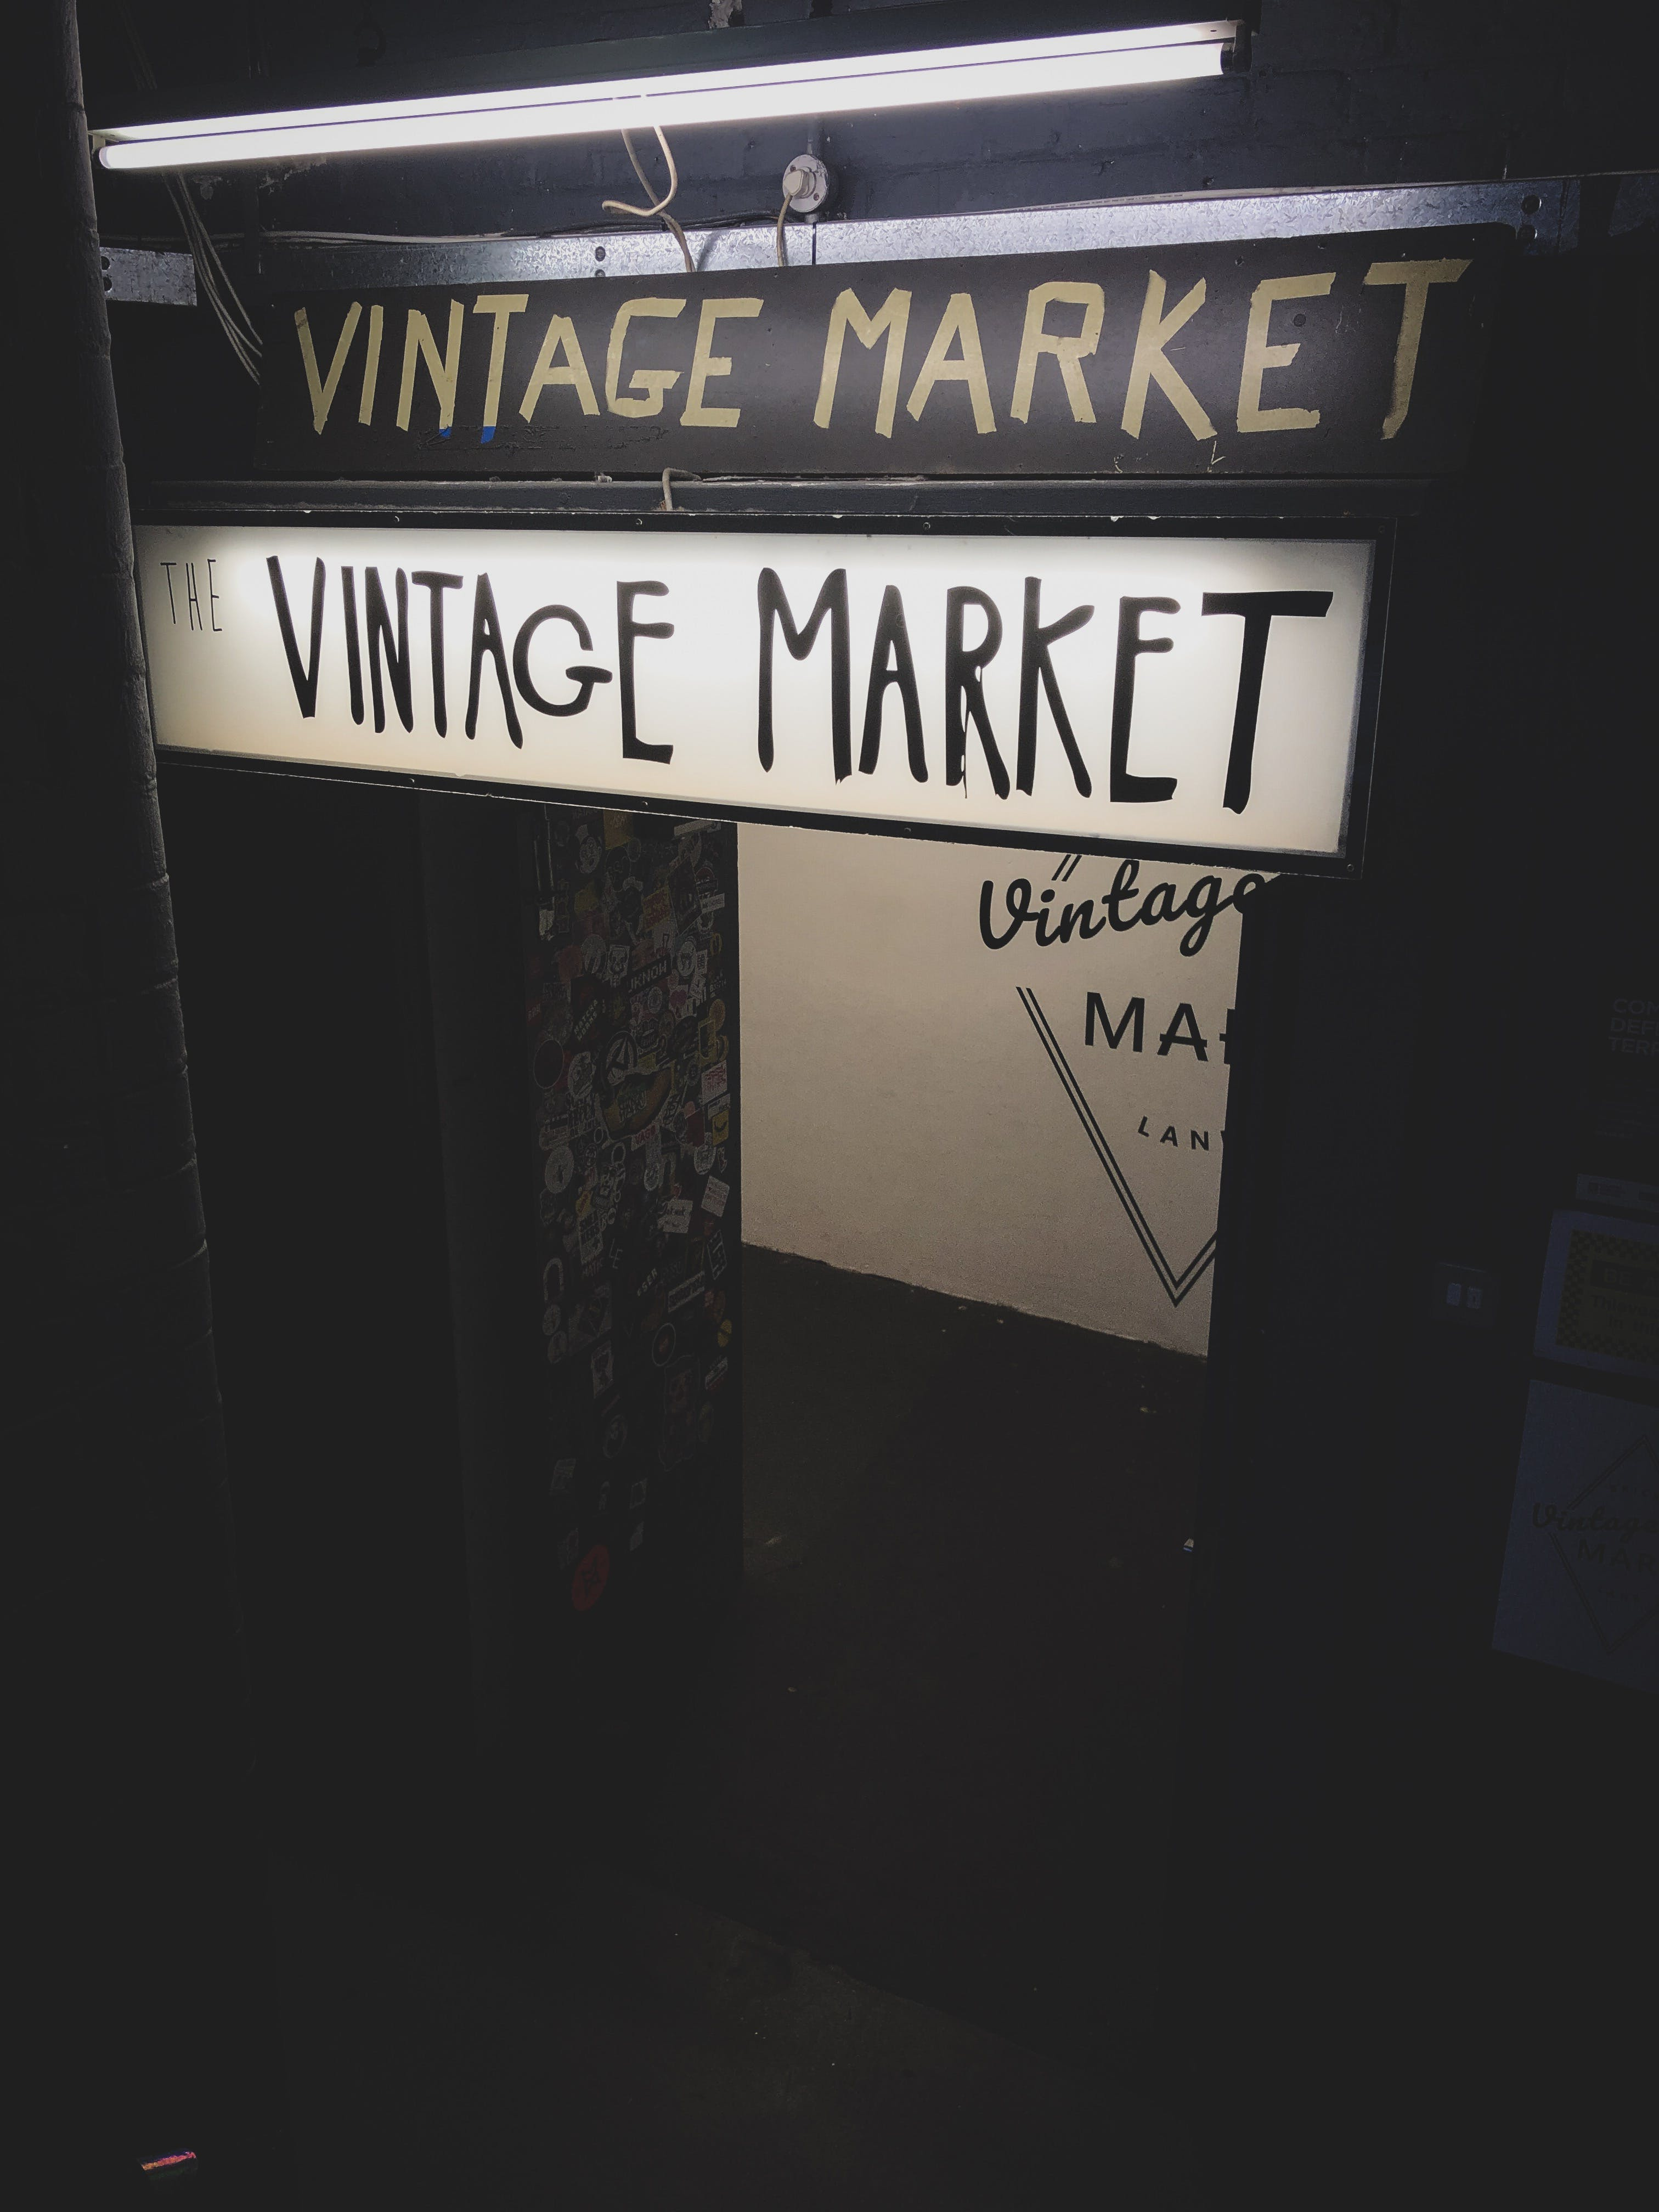 Vintage Market Singage